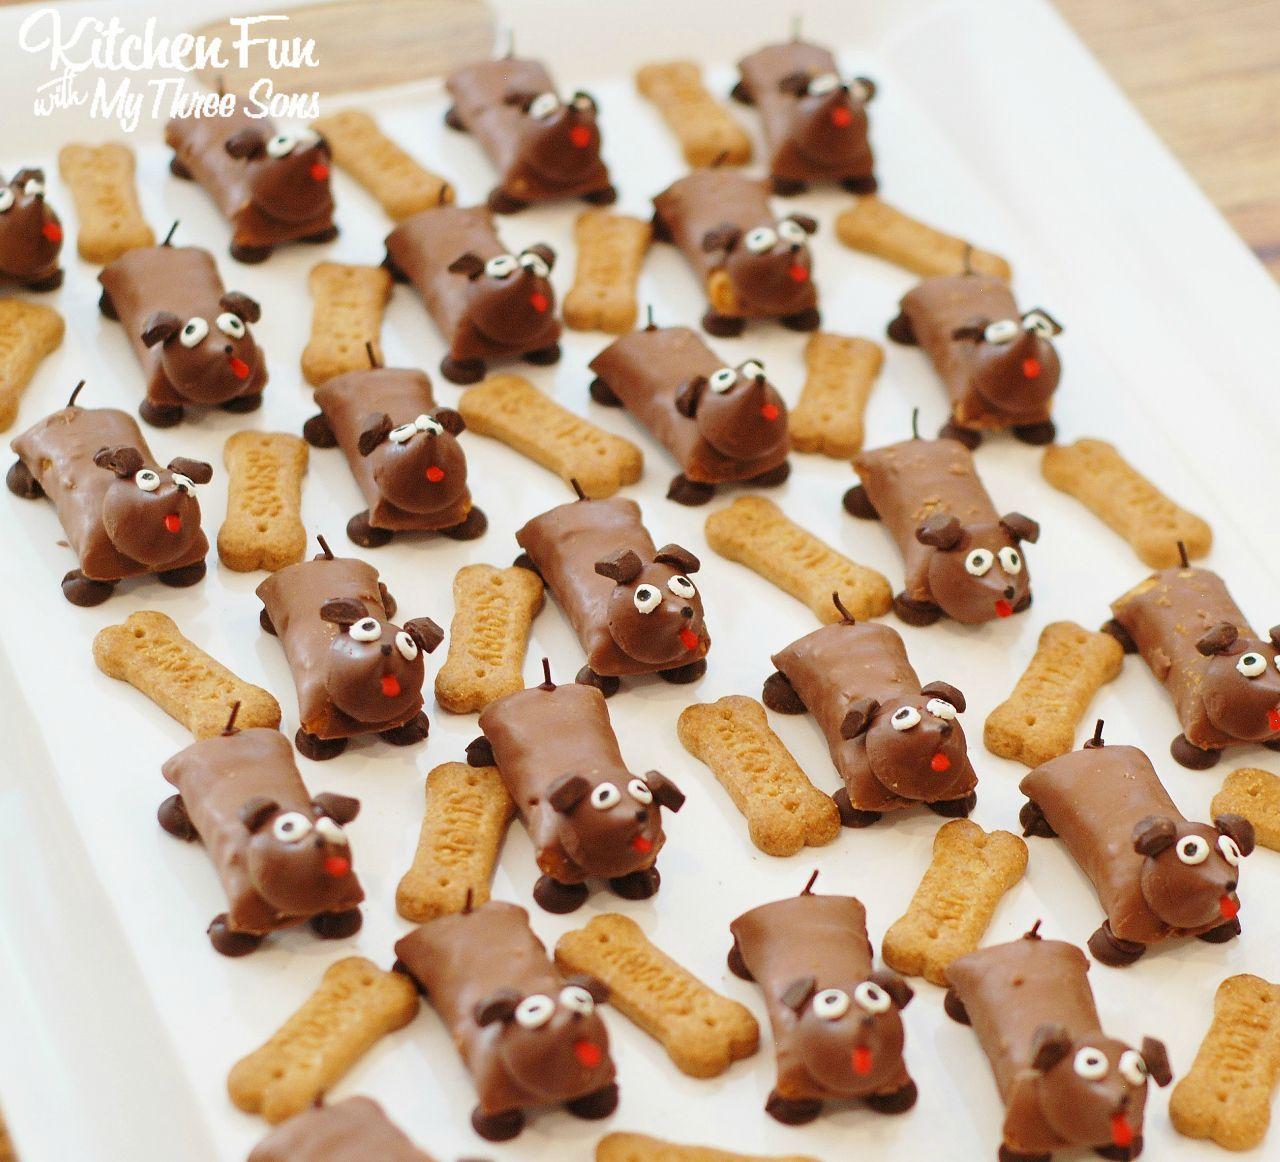 Scooby Snacks Dog Treats Recipe